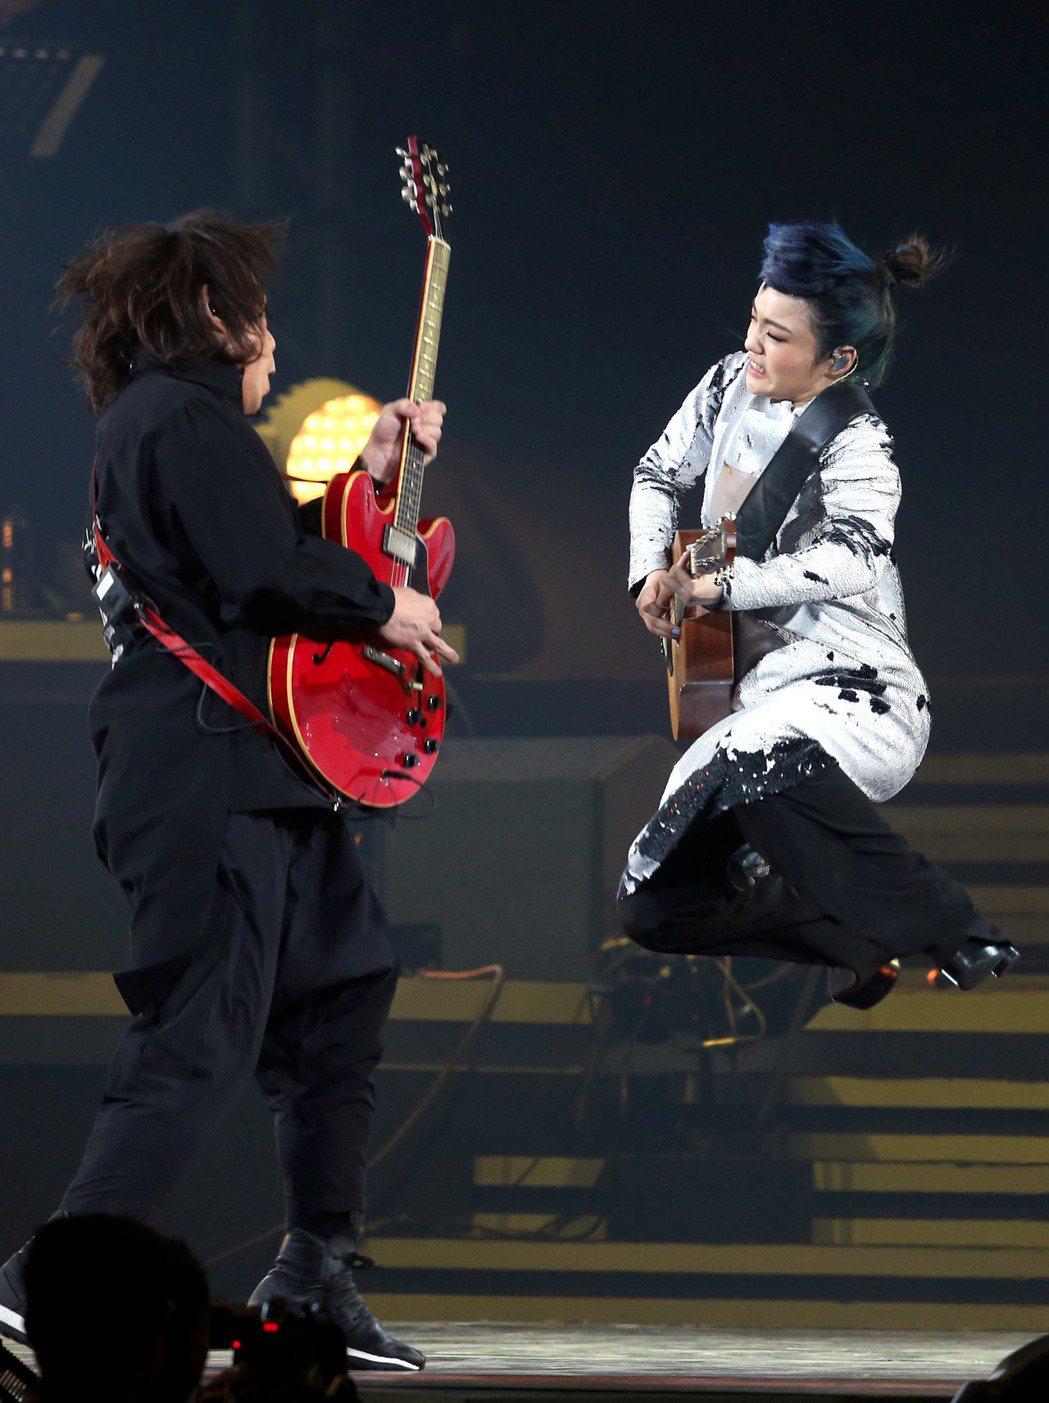 徐佳瑩演唱會,邀請伍佰擔任演唱嘉賓,二人一同嗨唱。記者屠惠剛/攝影